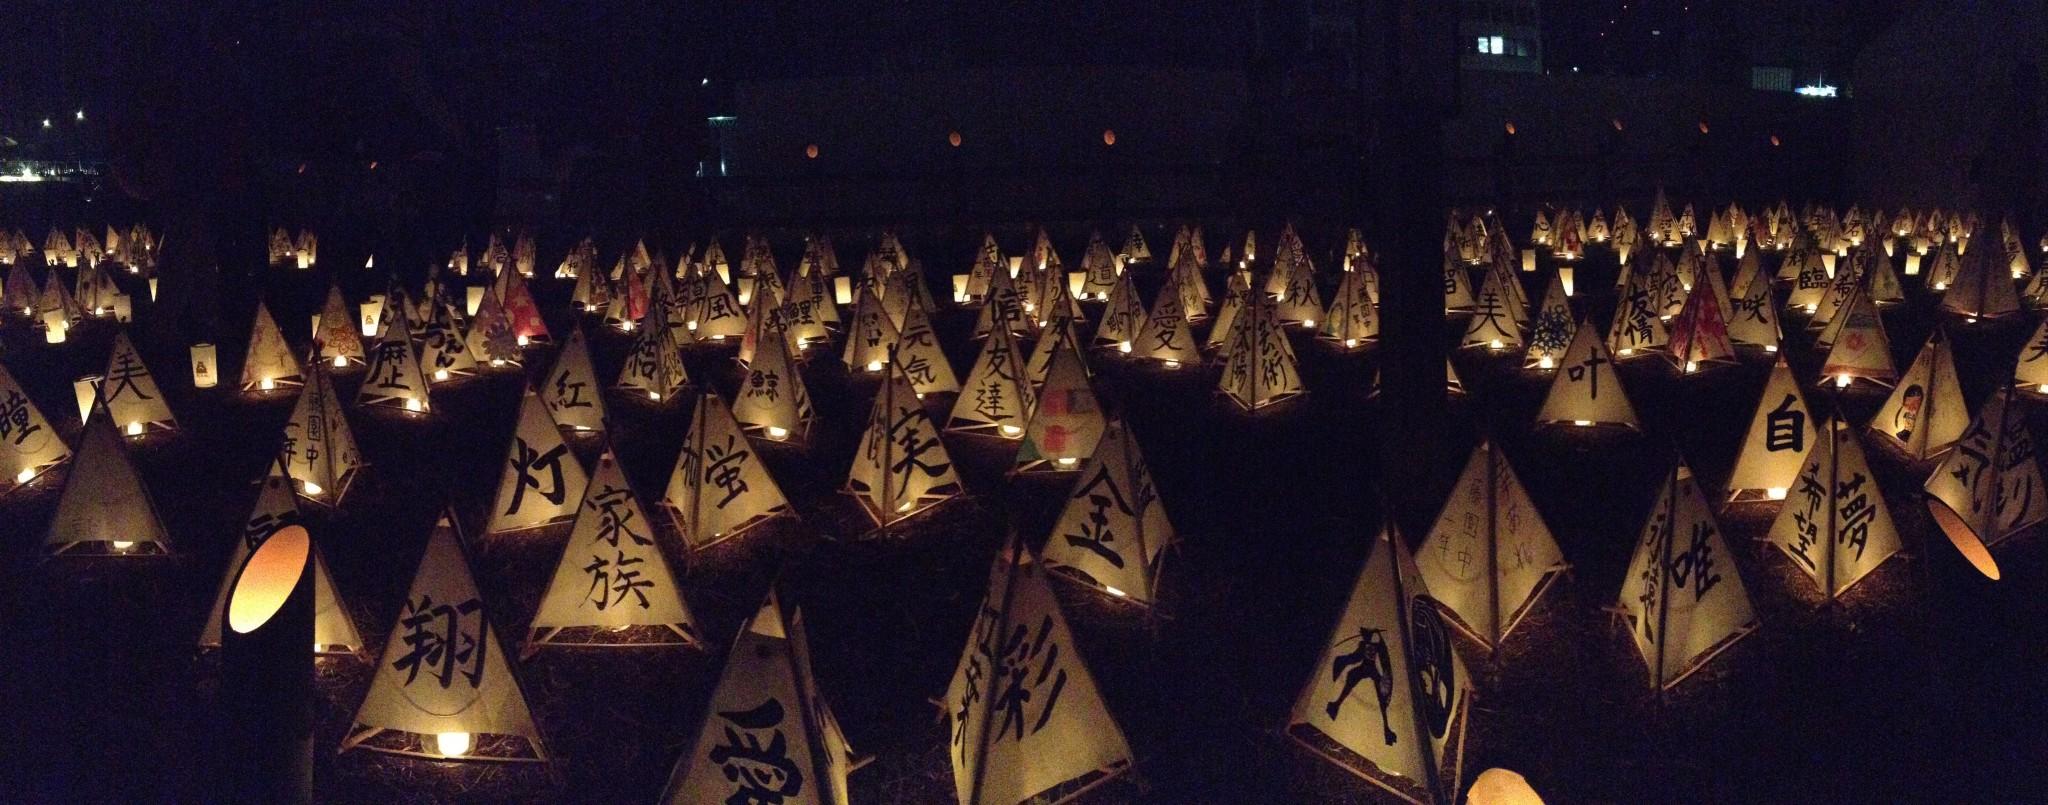 Mizu Akari: A Heritage of Light at Kumamoto's Autumn Lantern Festival